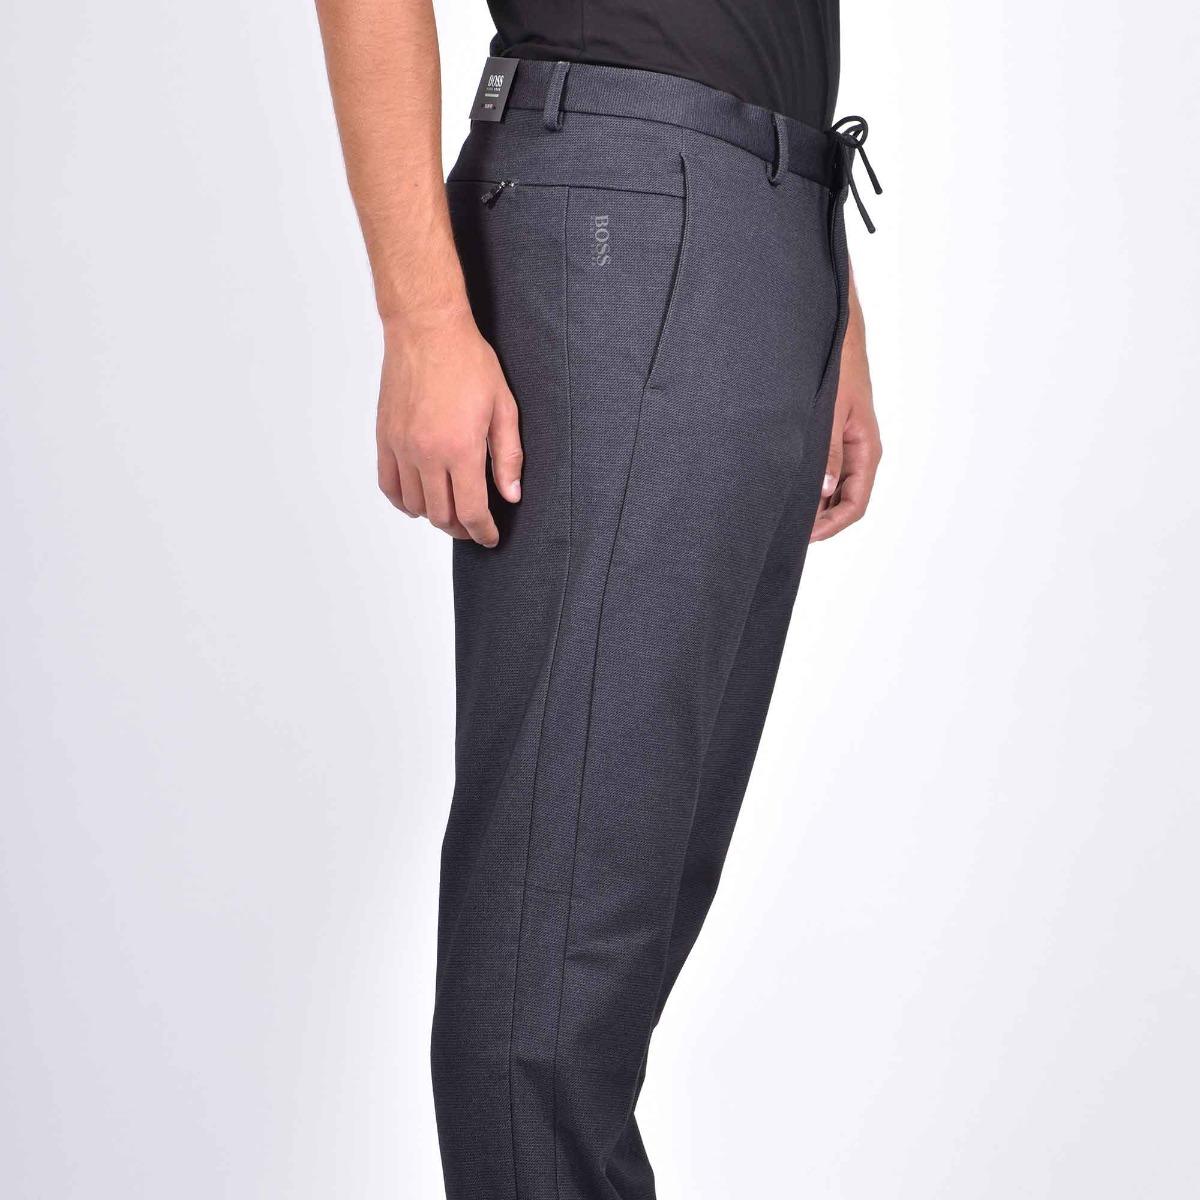 Pantalone jersey bi elasticizzato  - Nero